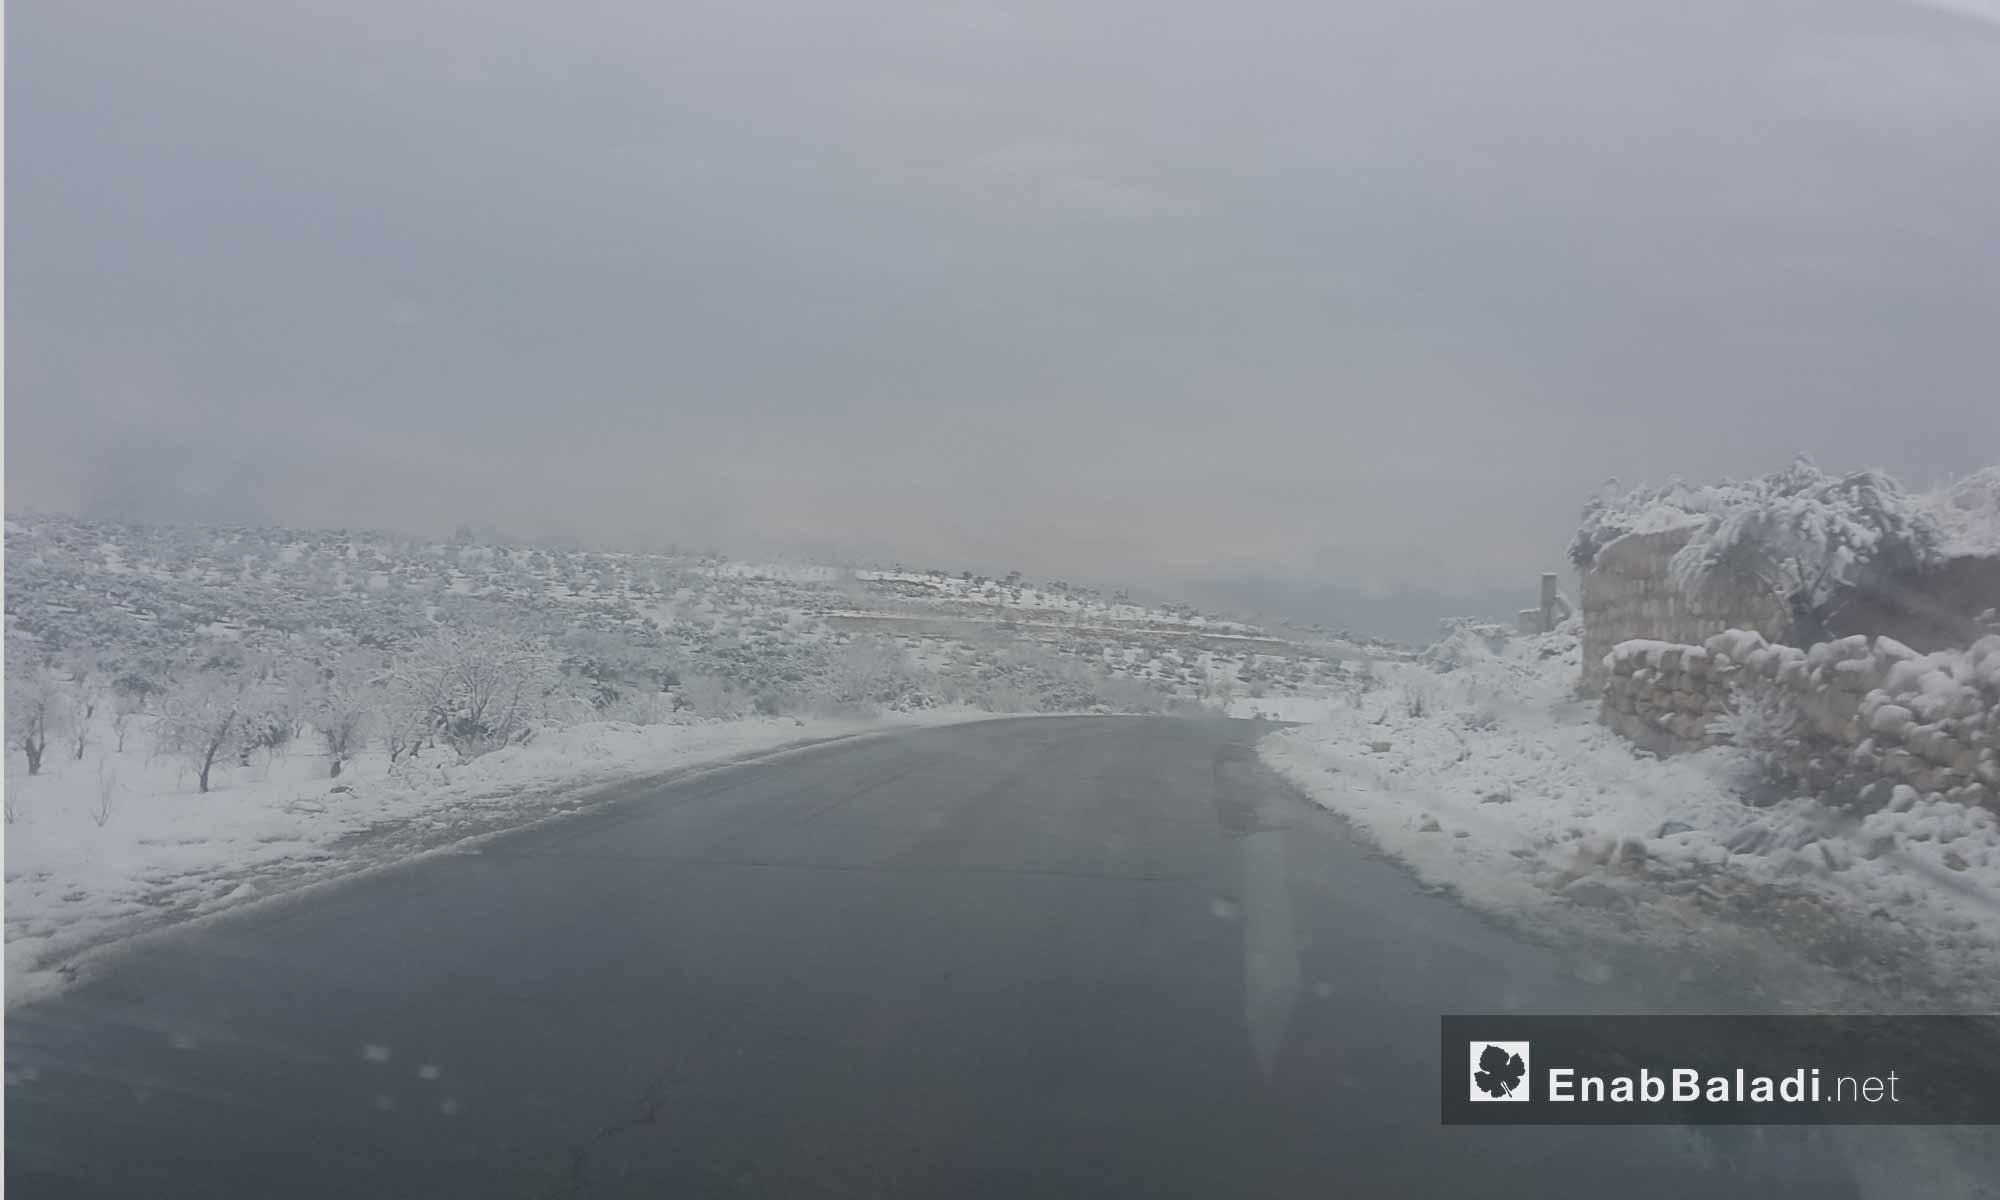 الثلوج في ريف إدلب_15 كانون الأول 2016_(عنب بلدي)